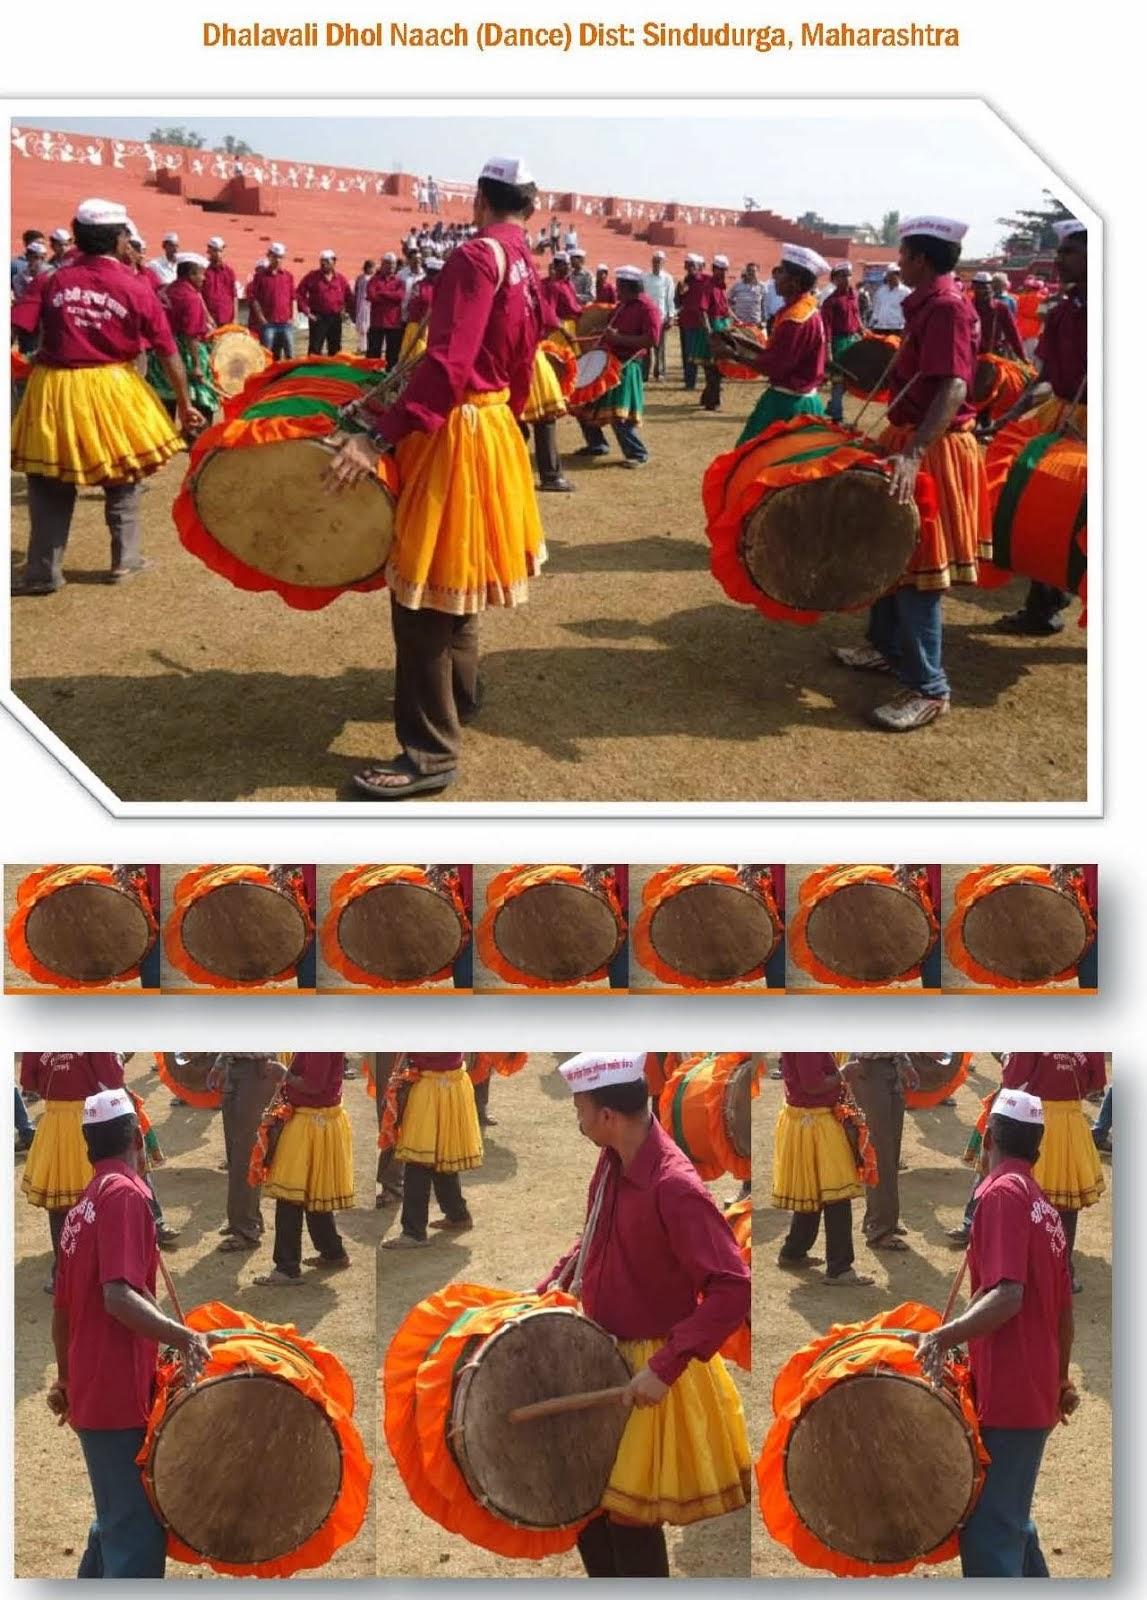 Dhalavali Dhoal dance Rajapur